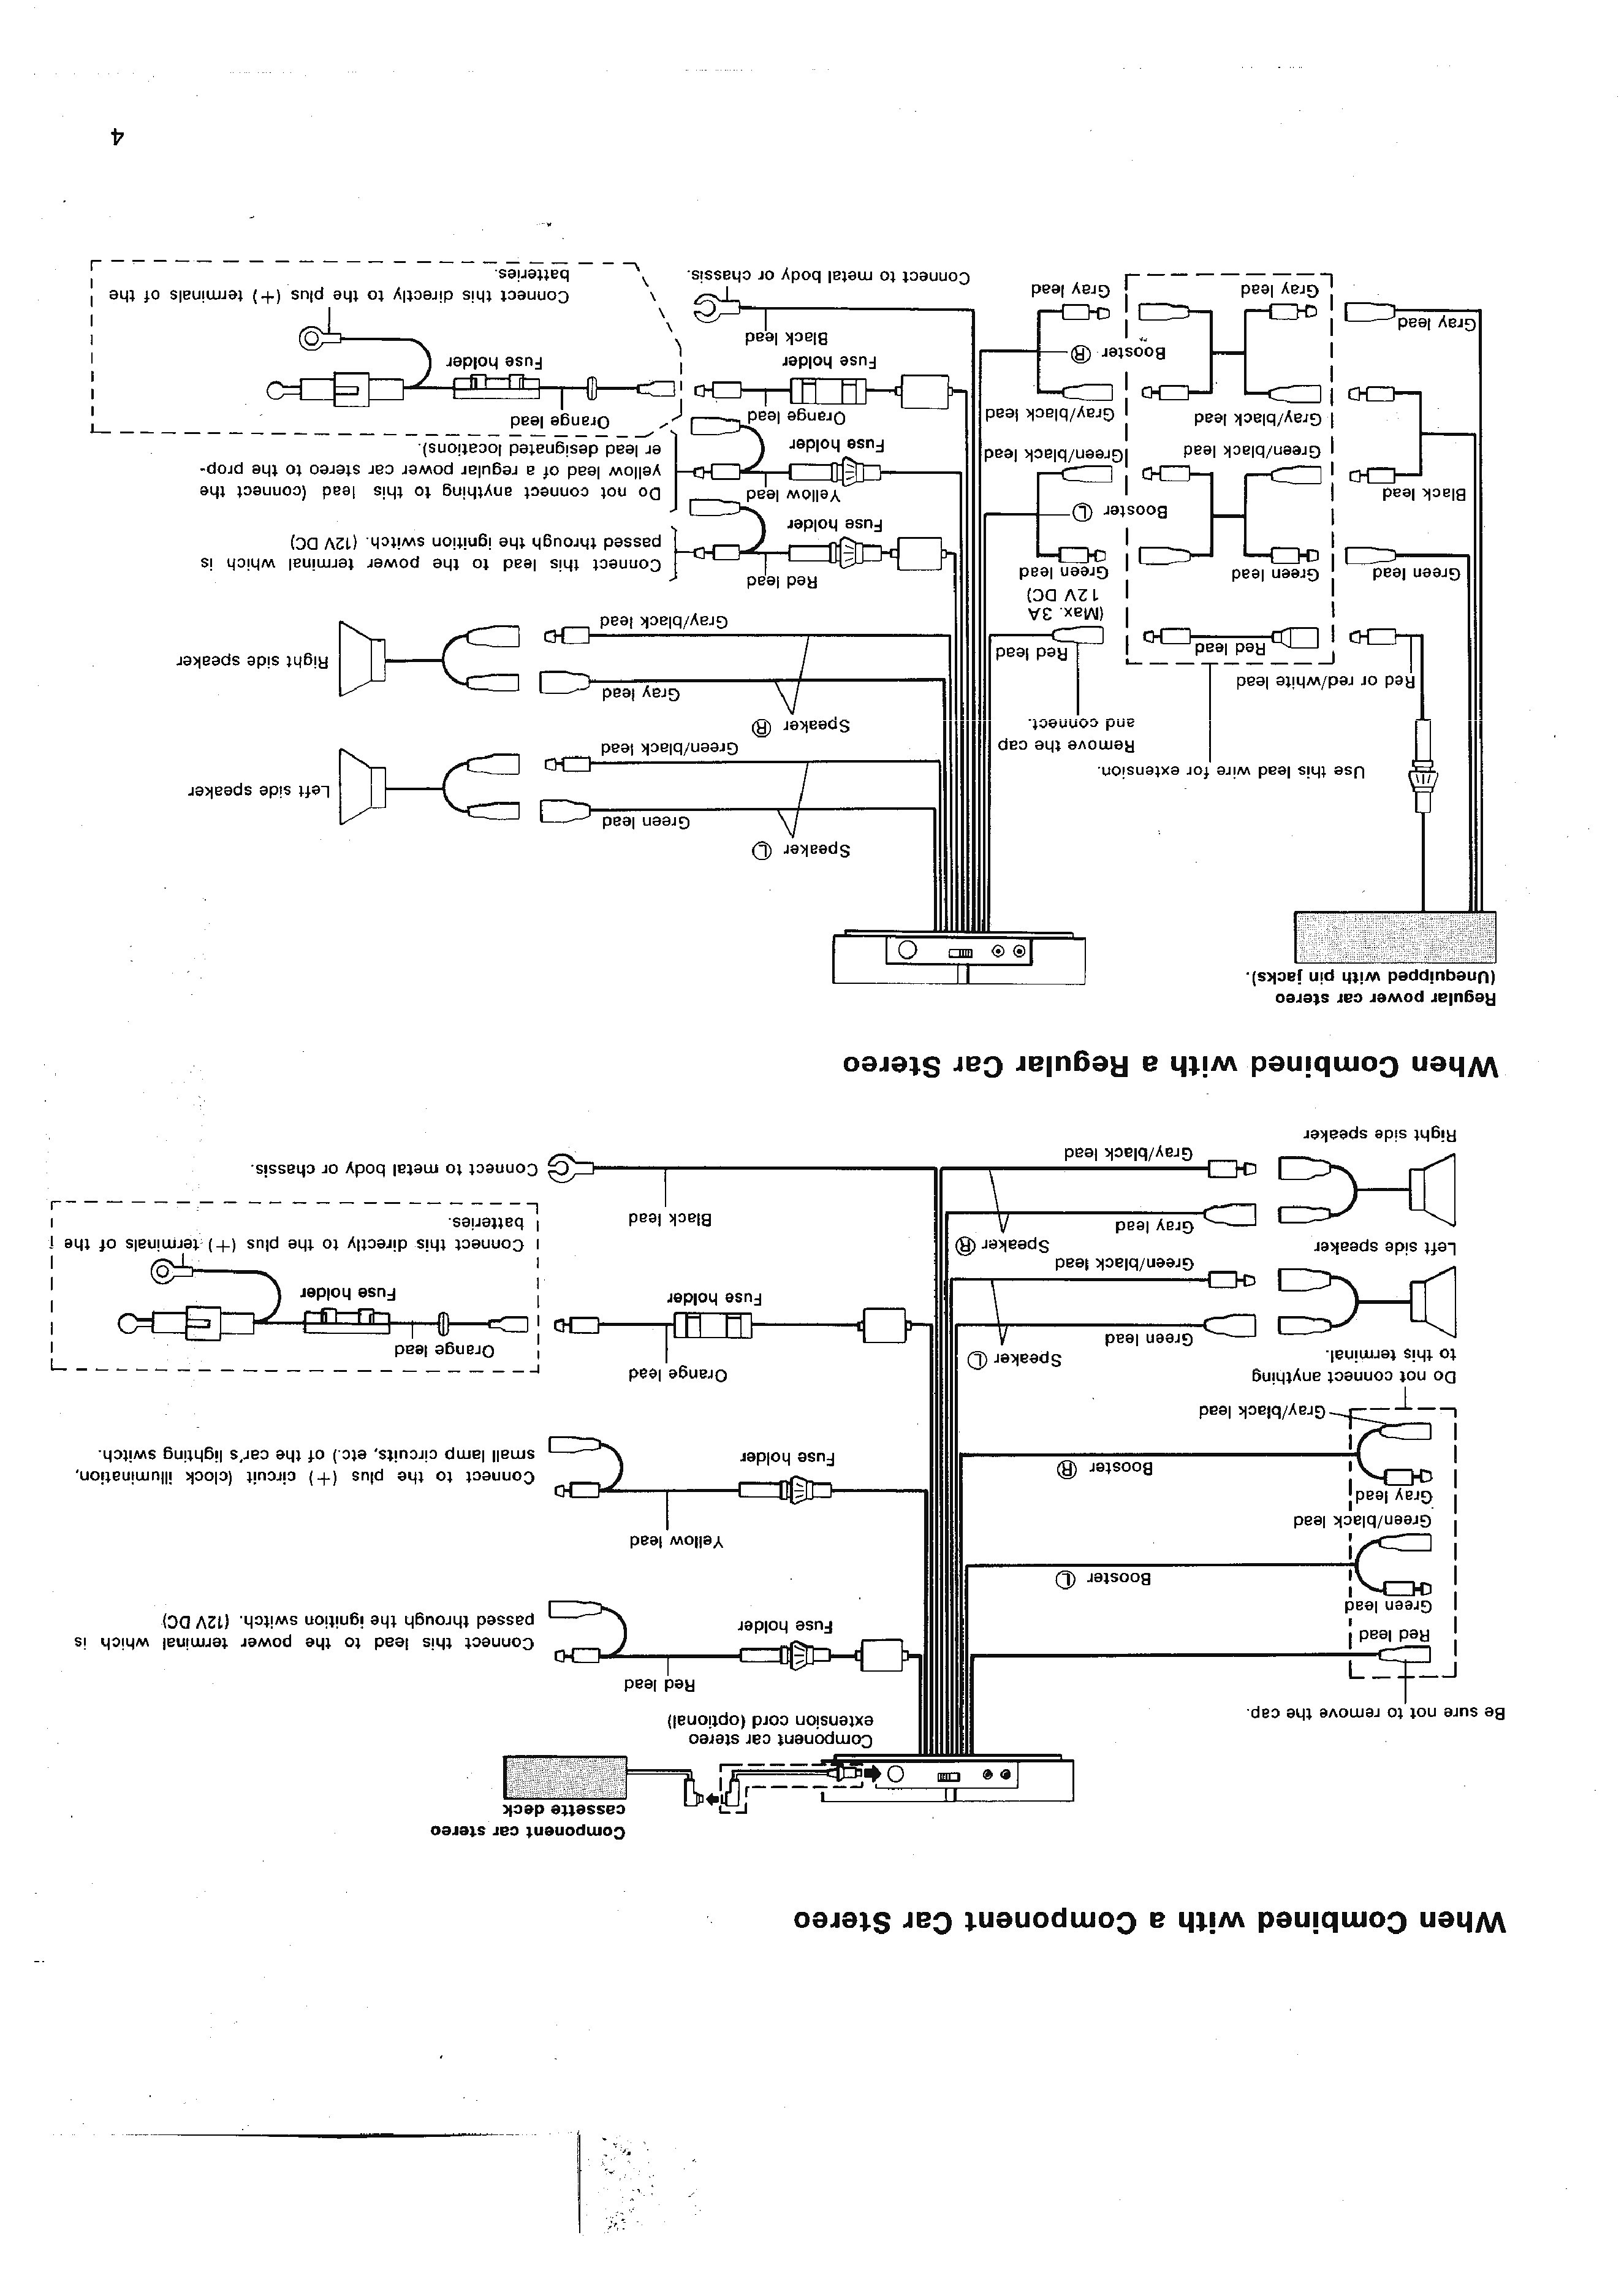 Pioneer Deh 150mp Wiring Diagram Beautiful Simple Pioneer 80prs Wiring Diagram Deh 150mp Wiring Diagram